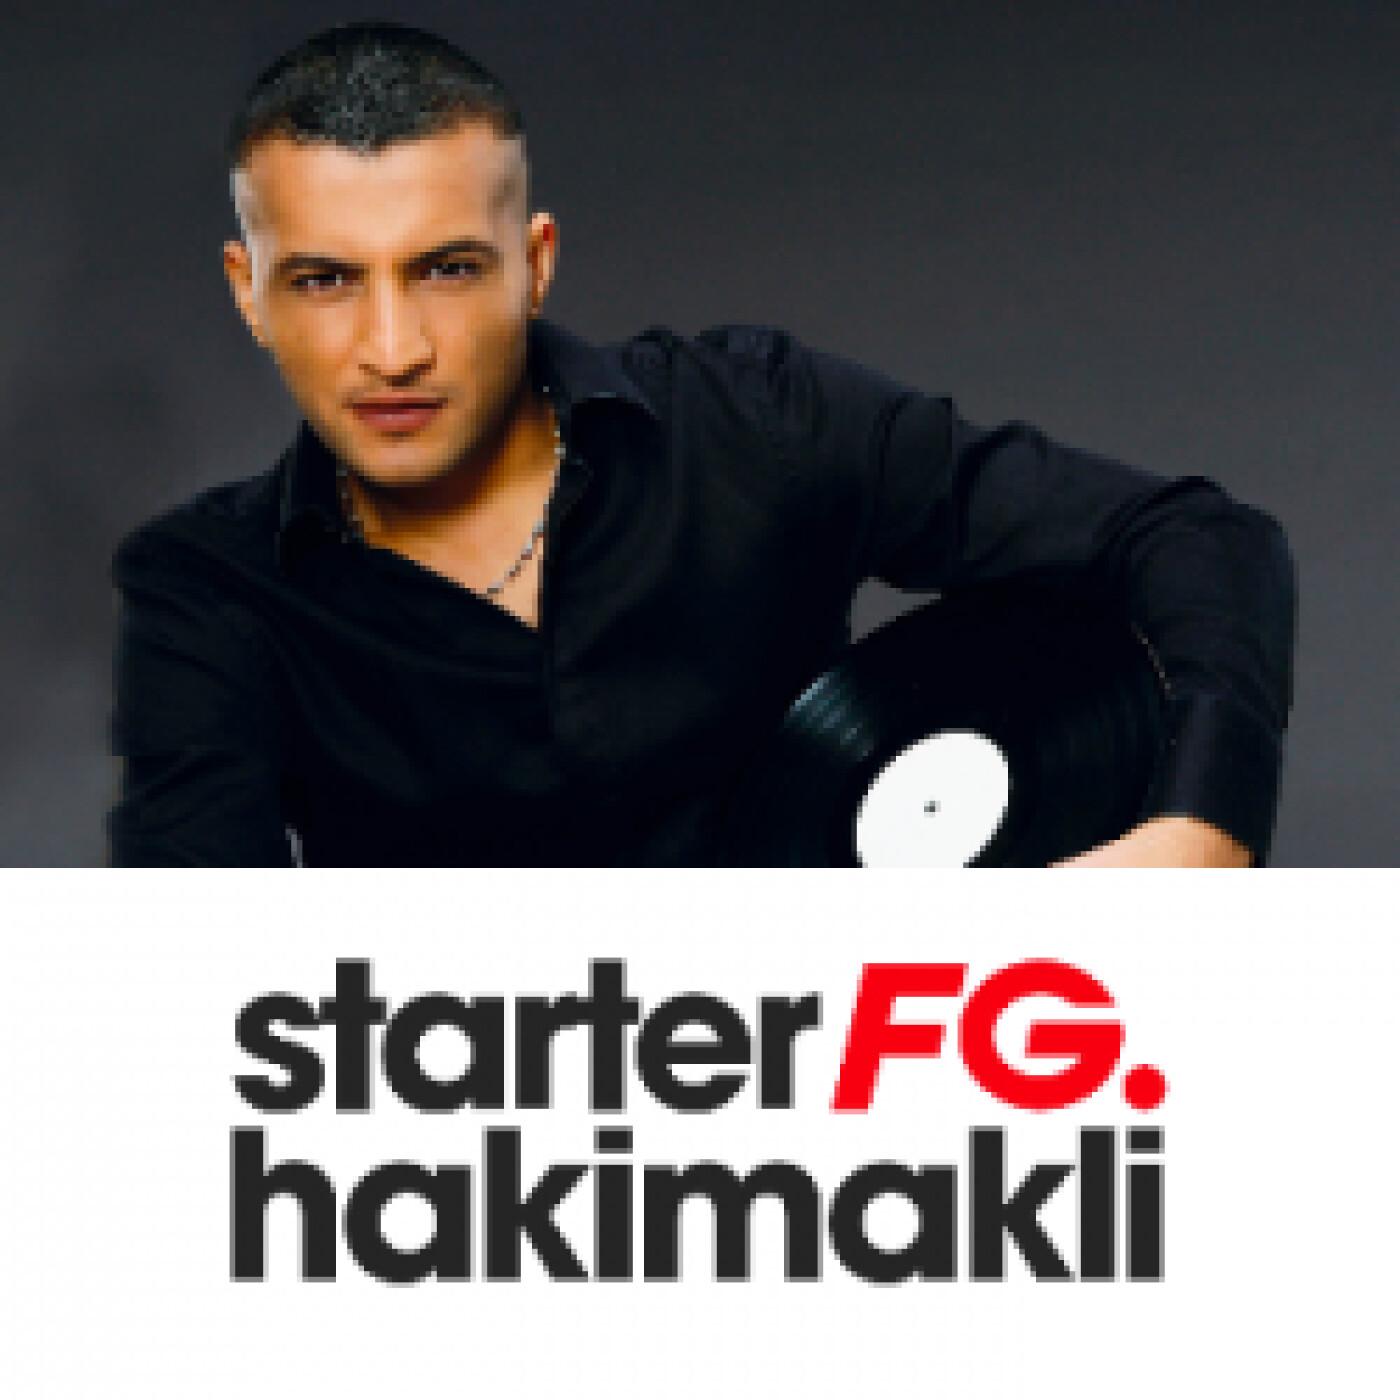 STARTER FG BY HAKIMAKLI LUNDI 14 JUIN 2021